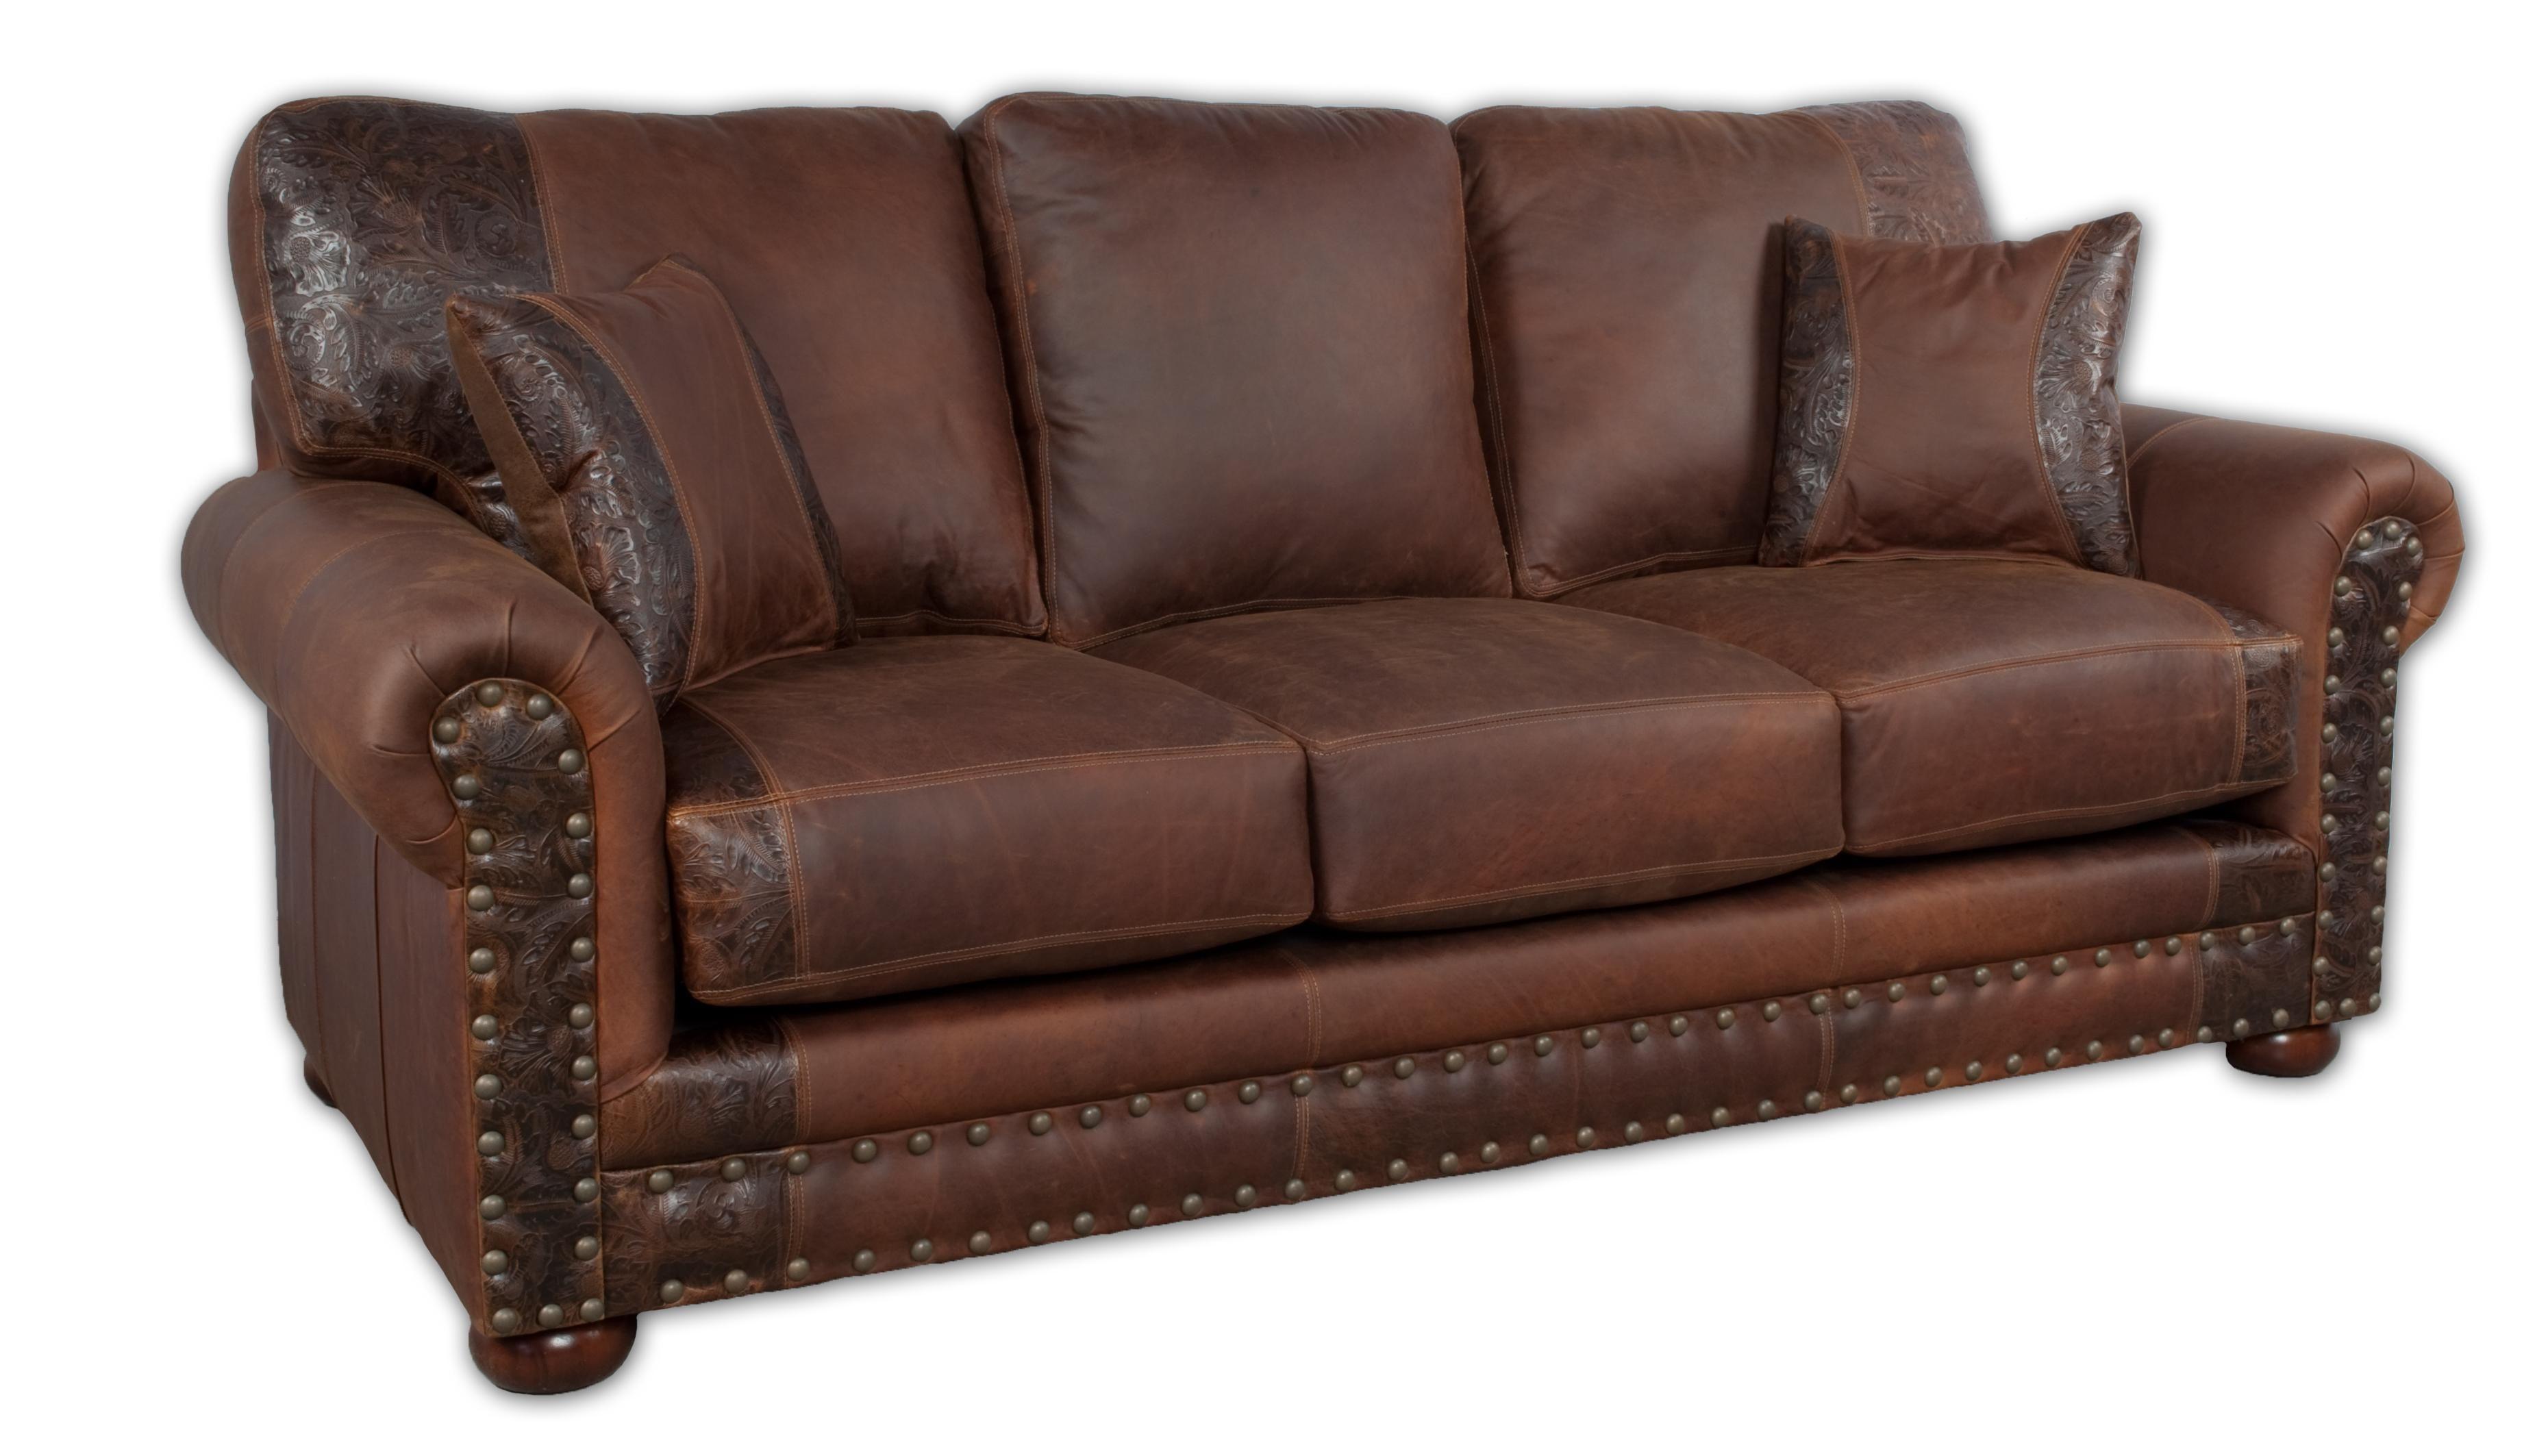 Jesse James Sofa Rustic Sofa Leather Sofa Sleeper Sofa